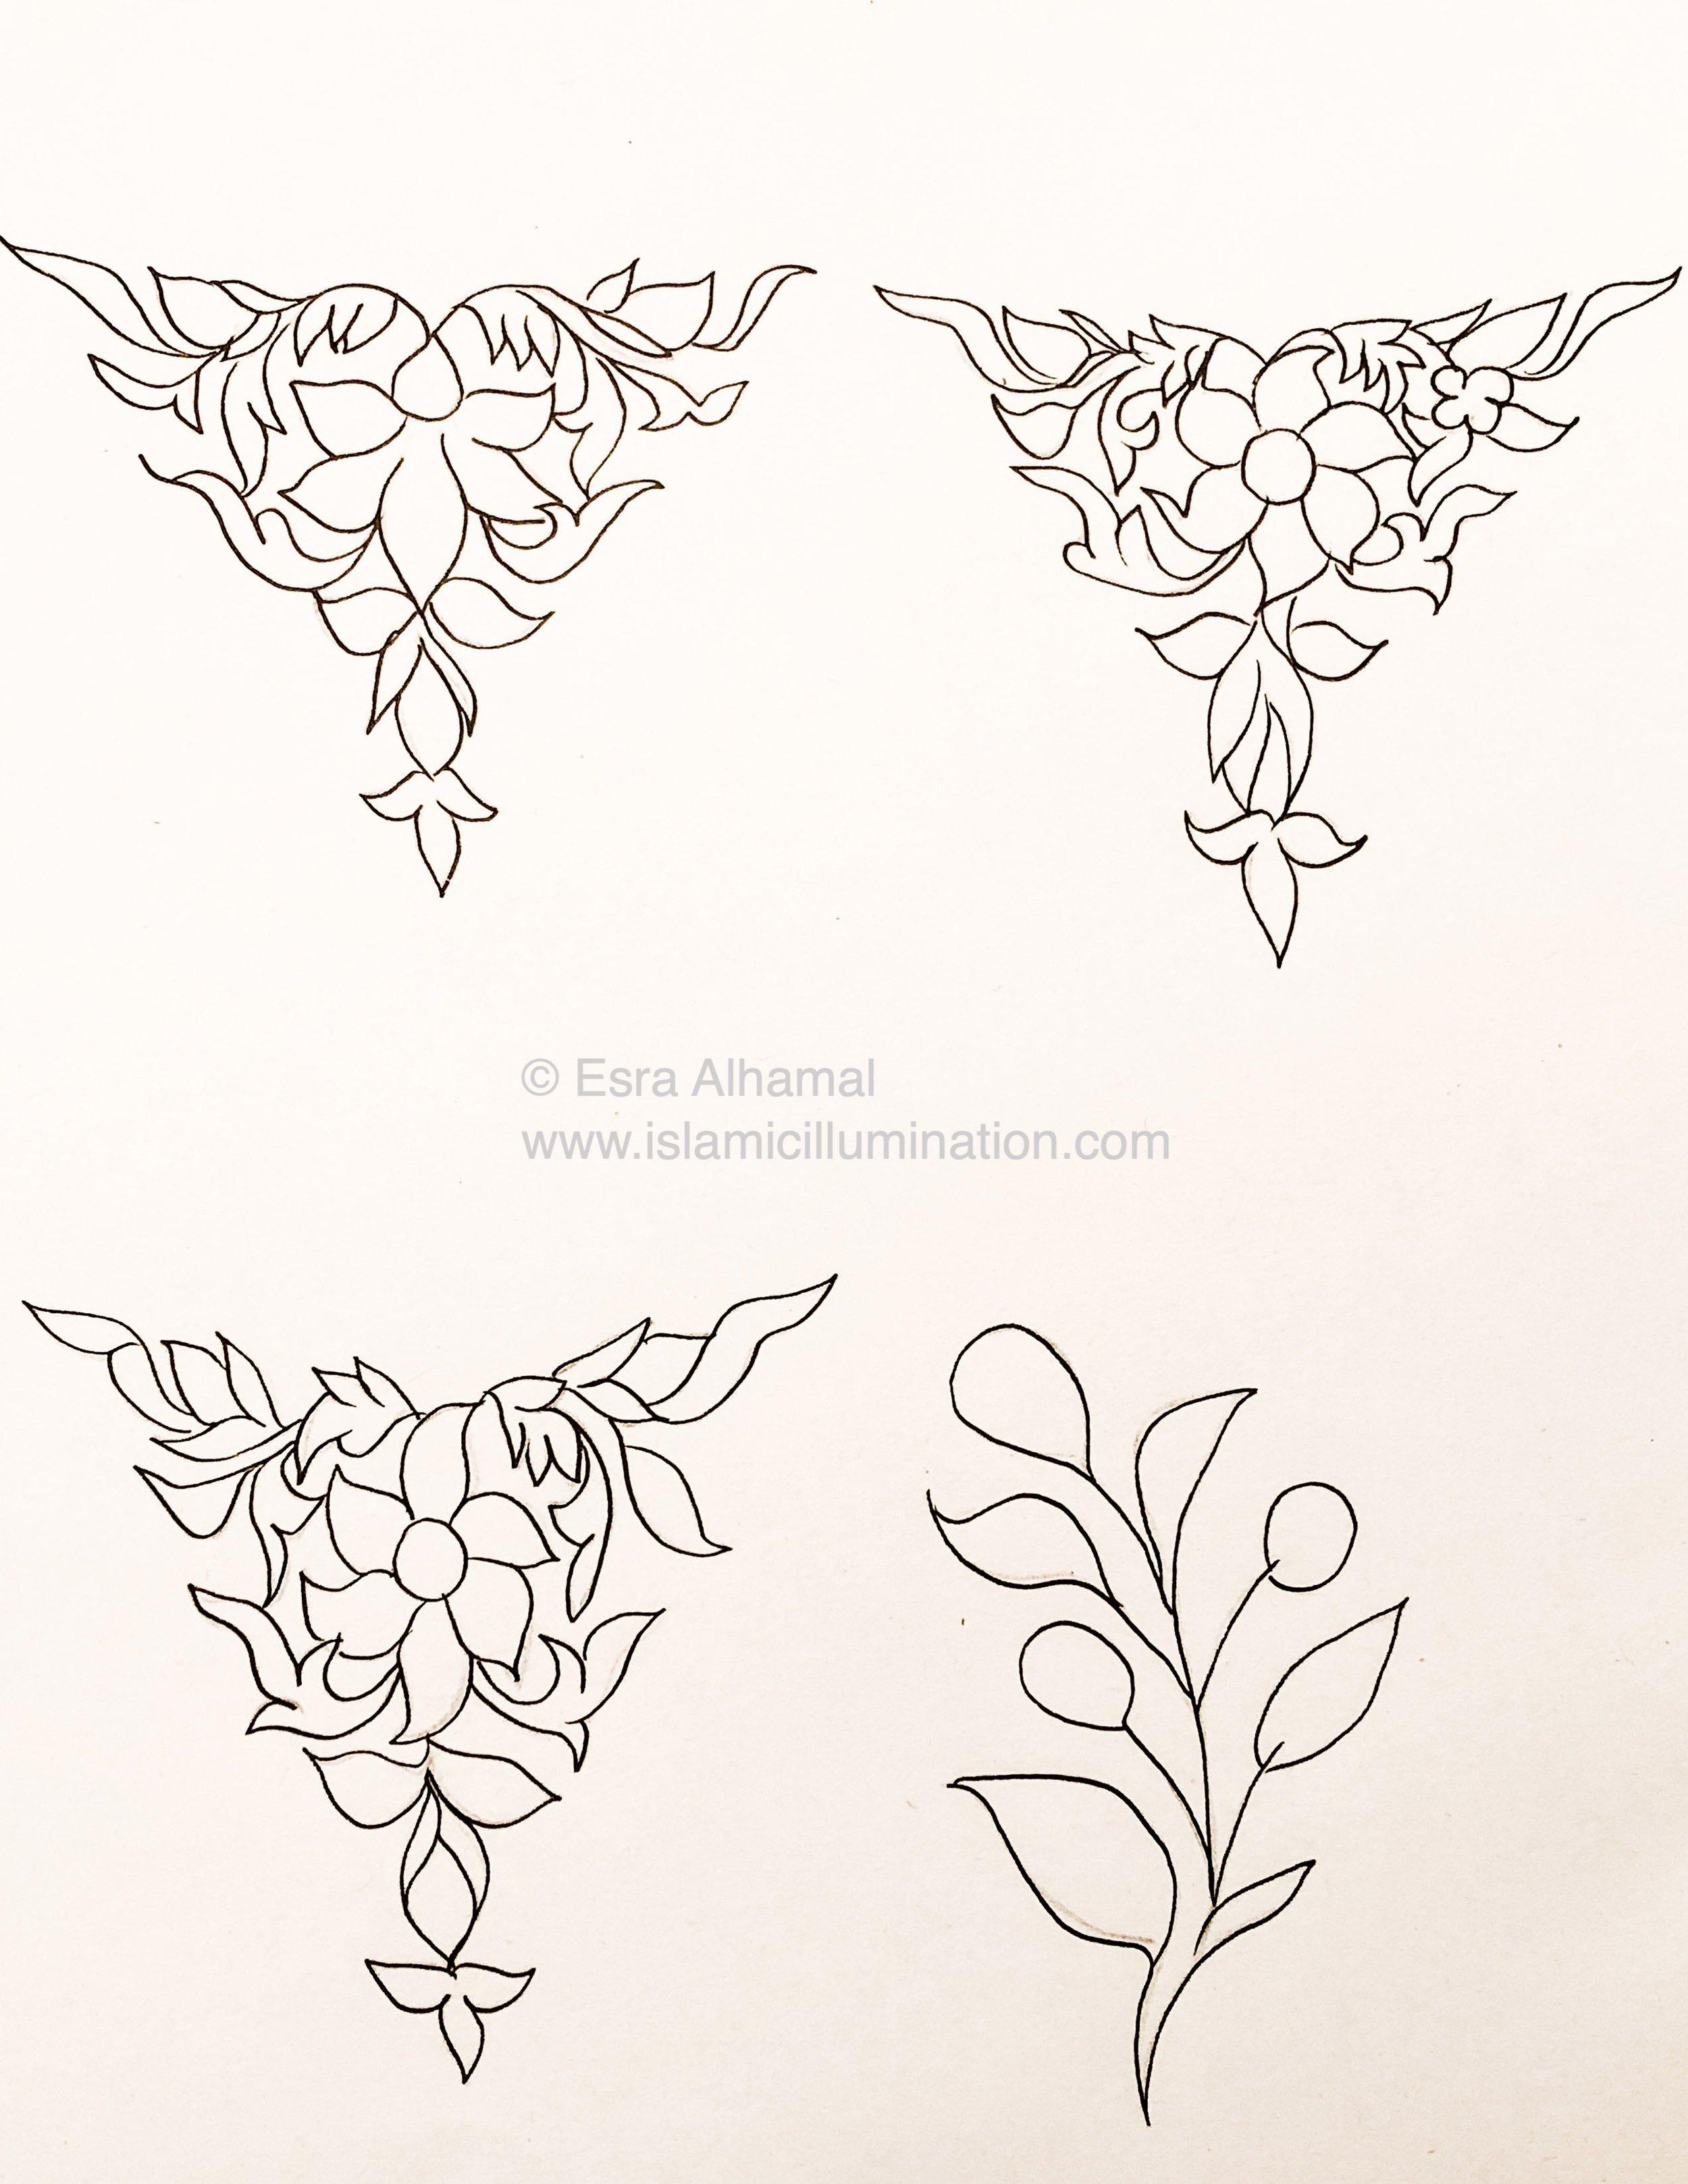 Golden Flower Challenge | start from the left 5, 6, 7, 8